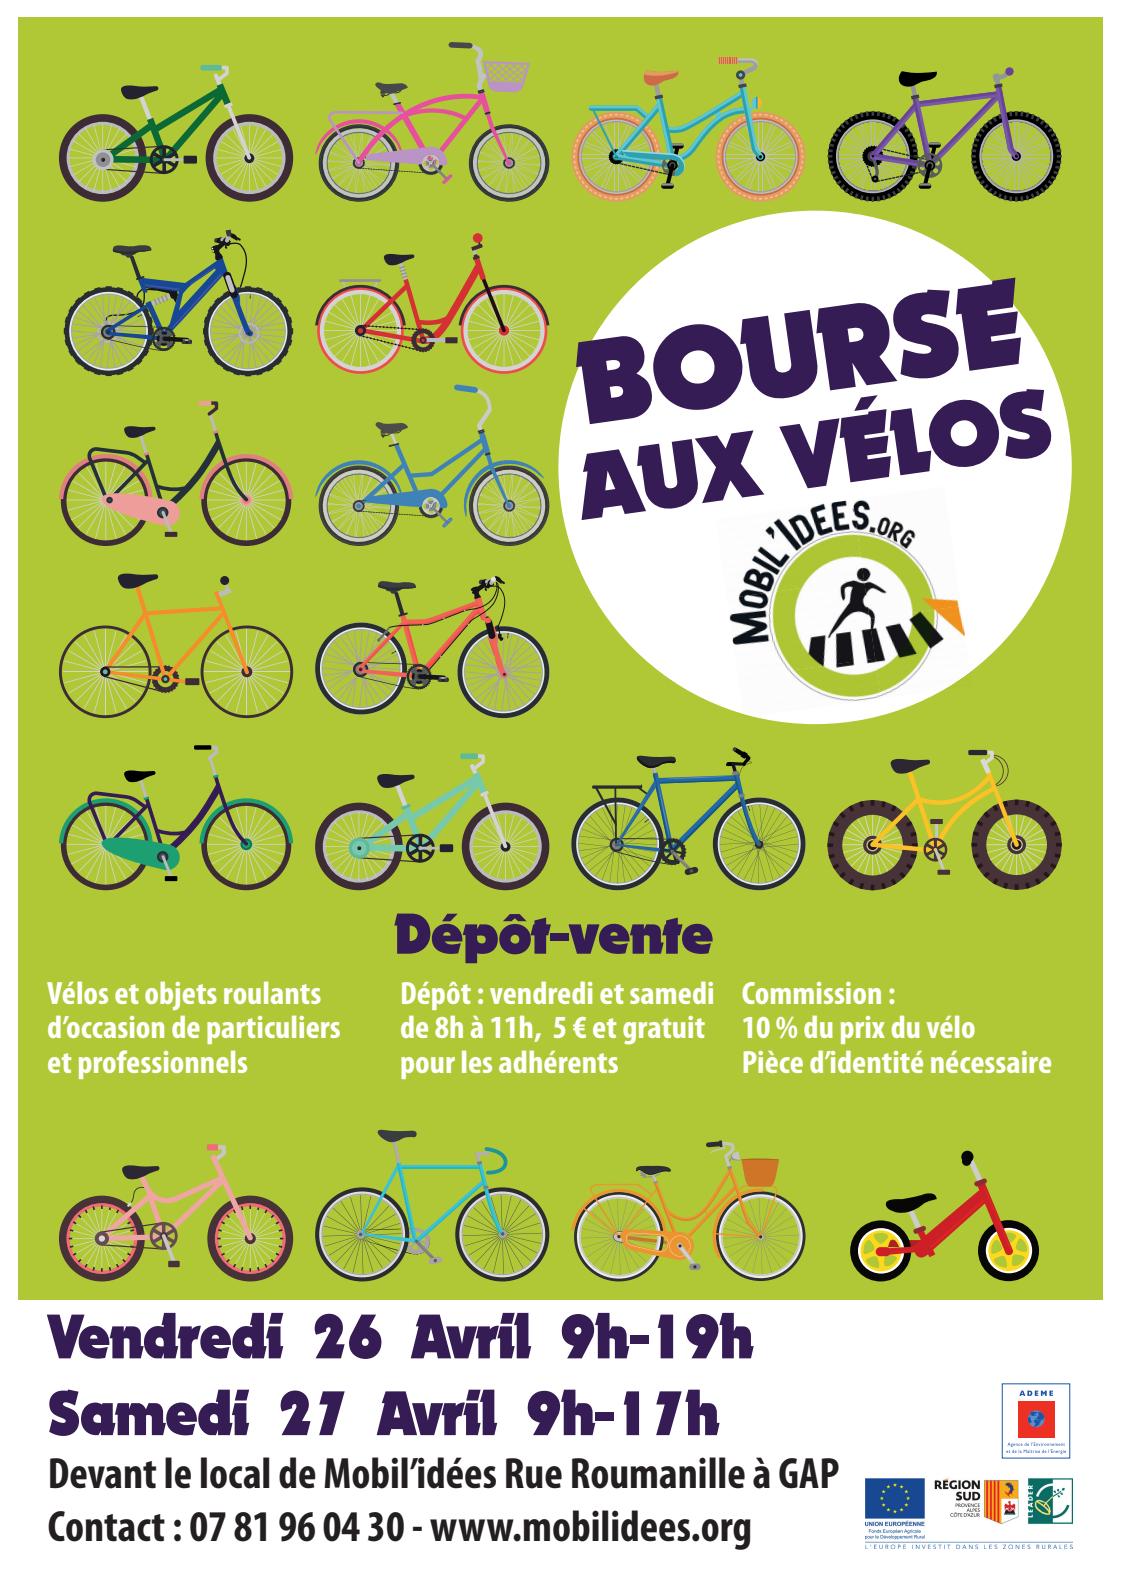 Bourse aux vélos de printemps les 26 et 27 avril !